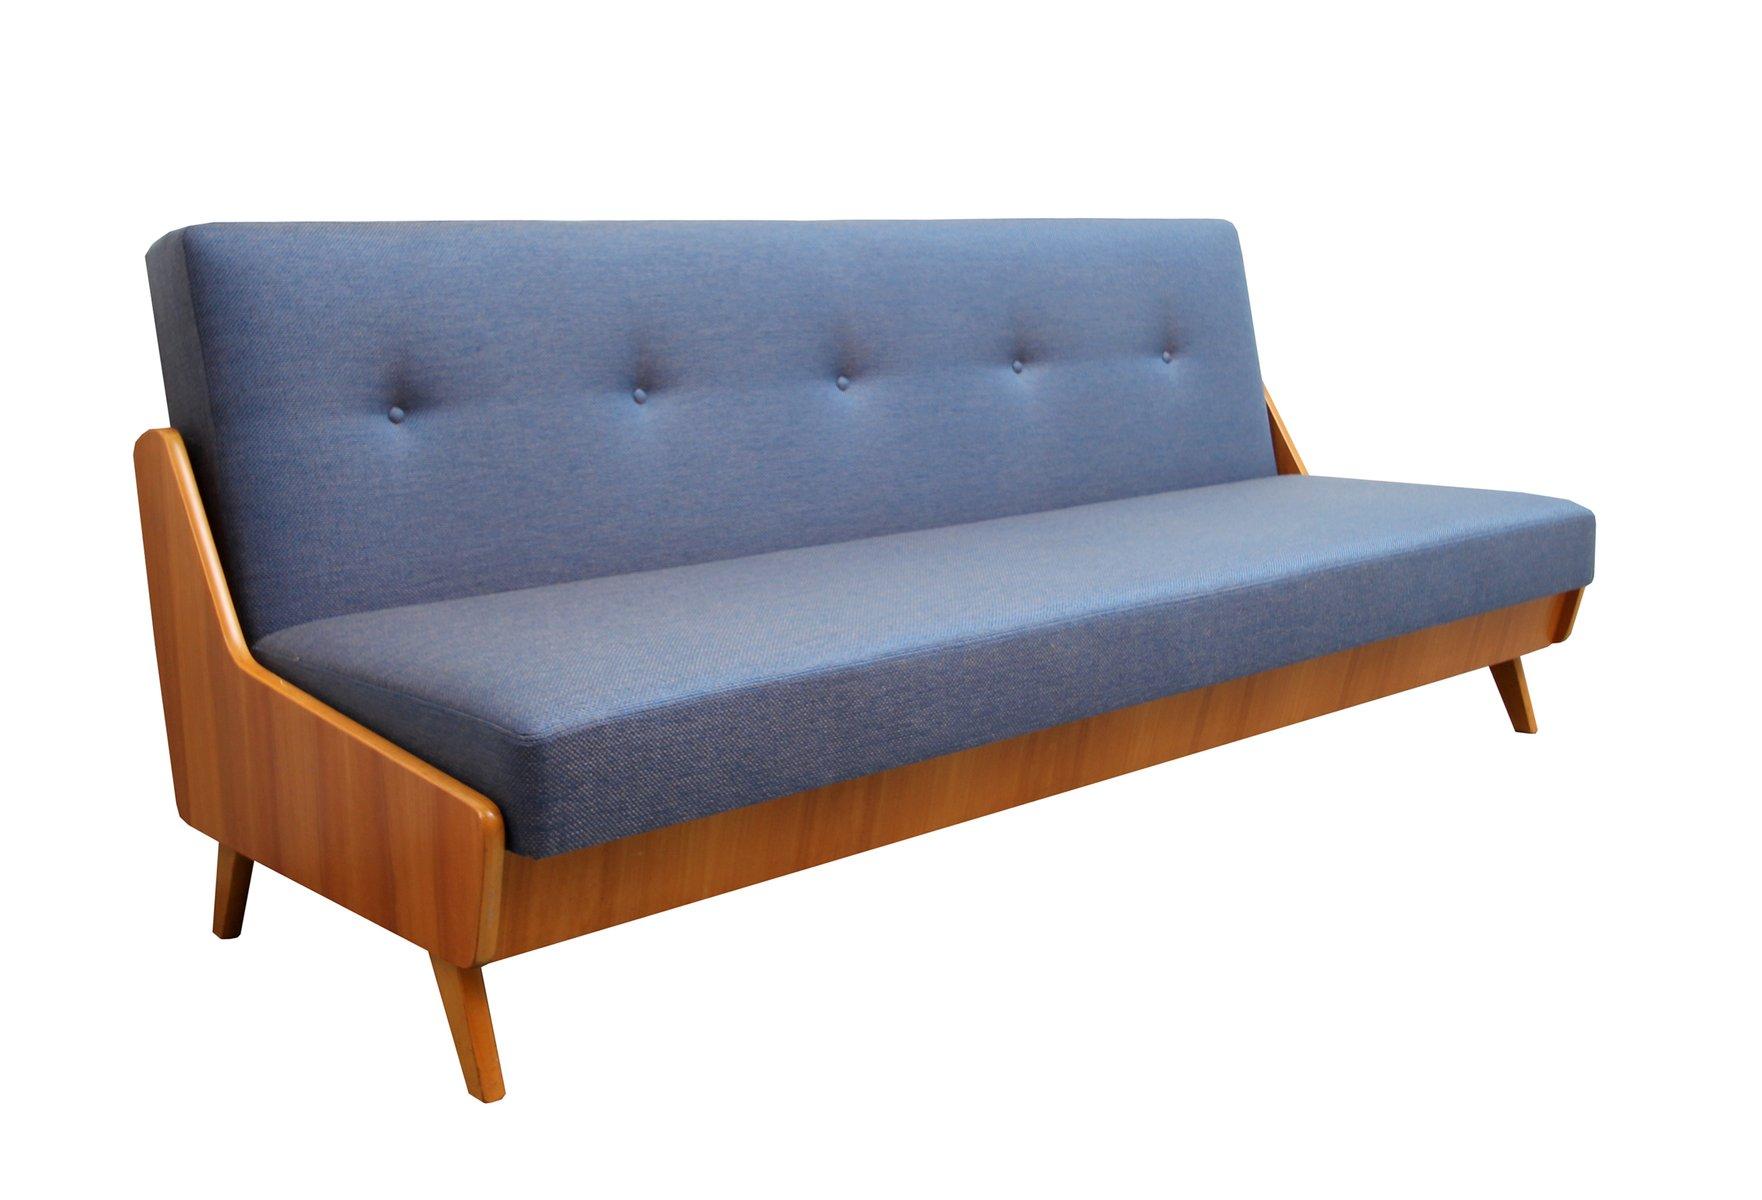 Blaues Eschenholz Furnier Schlafsofa, 1950er bei Pamono kaufen